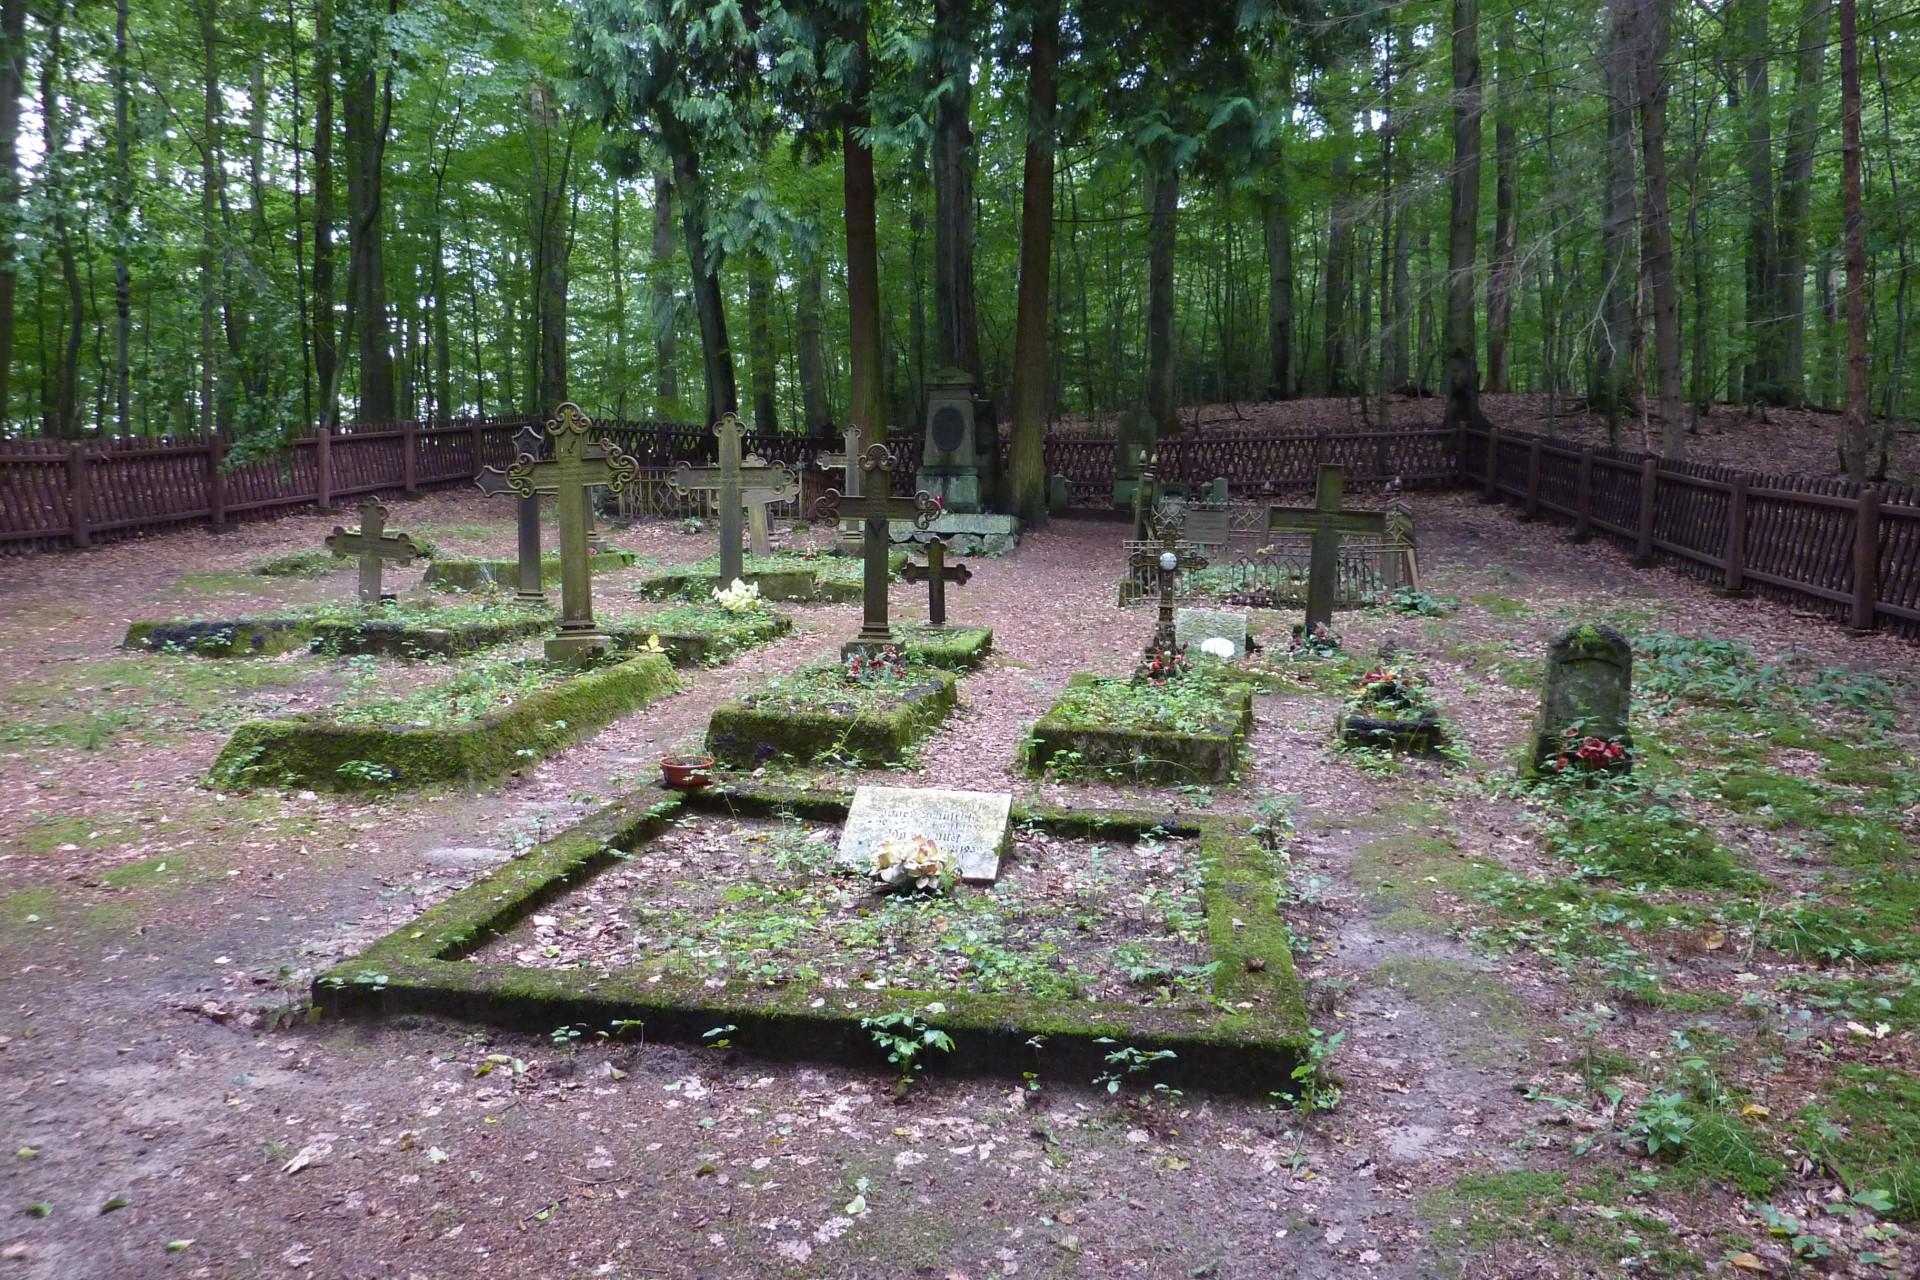 Pyszno, Cmentarz Leśników, źródło: wikipedia.org